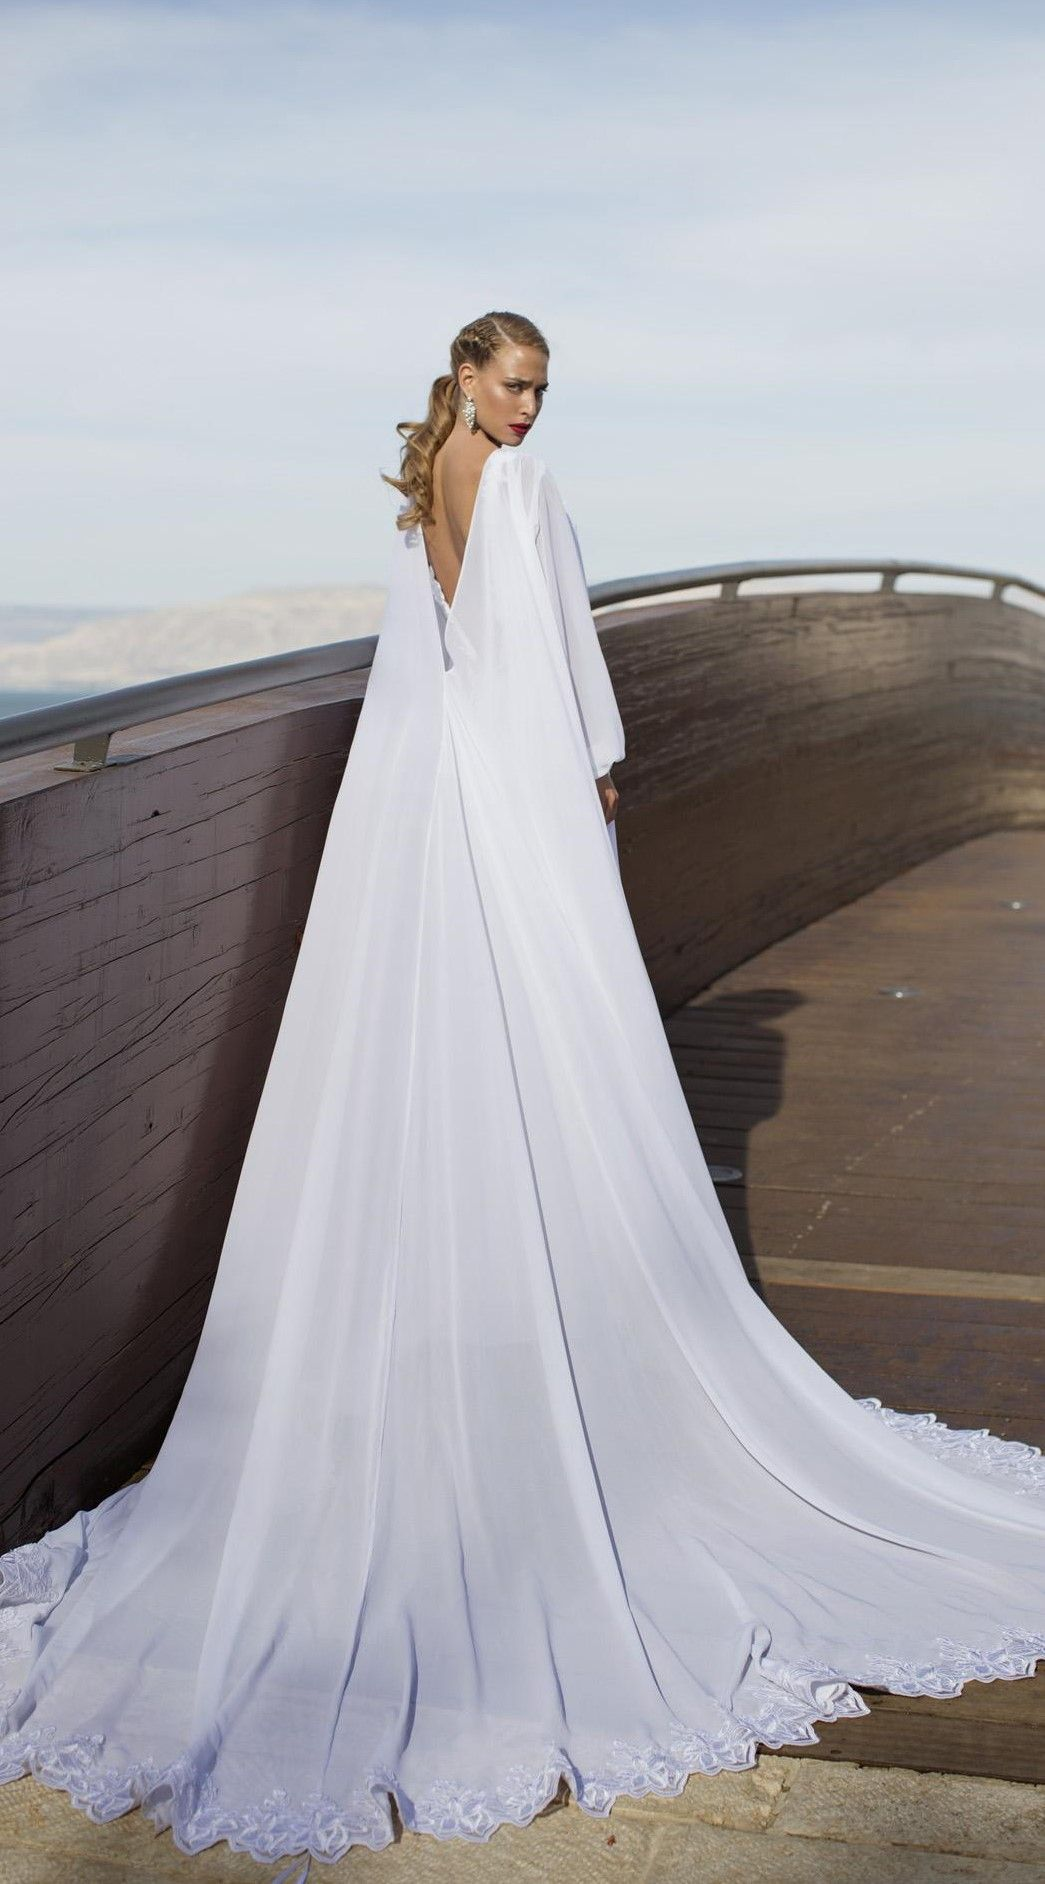 f569fd23b32f abito da sposa con strascico a mantello - Daniele Panareo Fotografo  matrimoni a Lecce